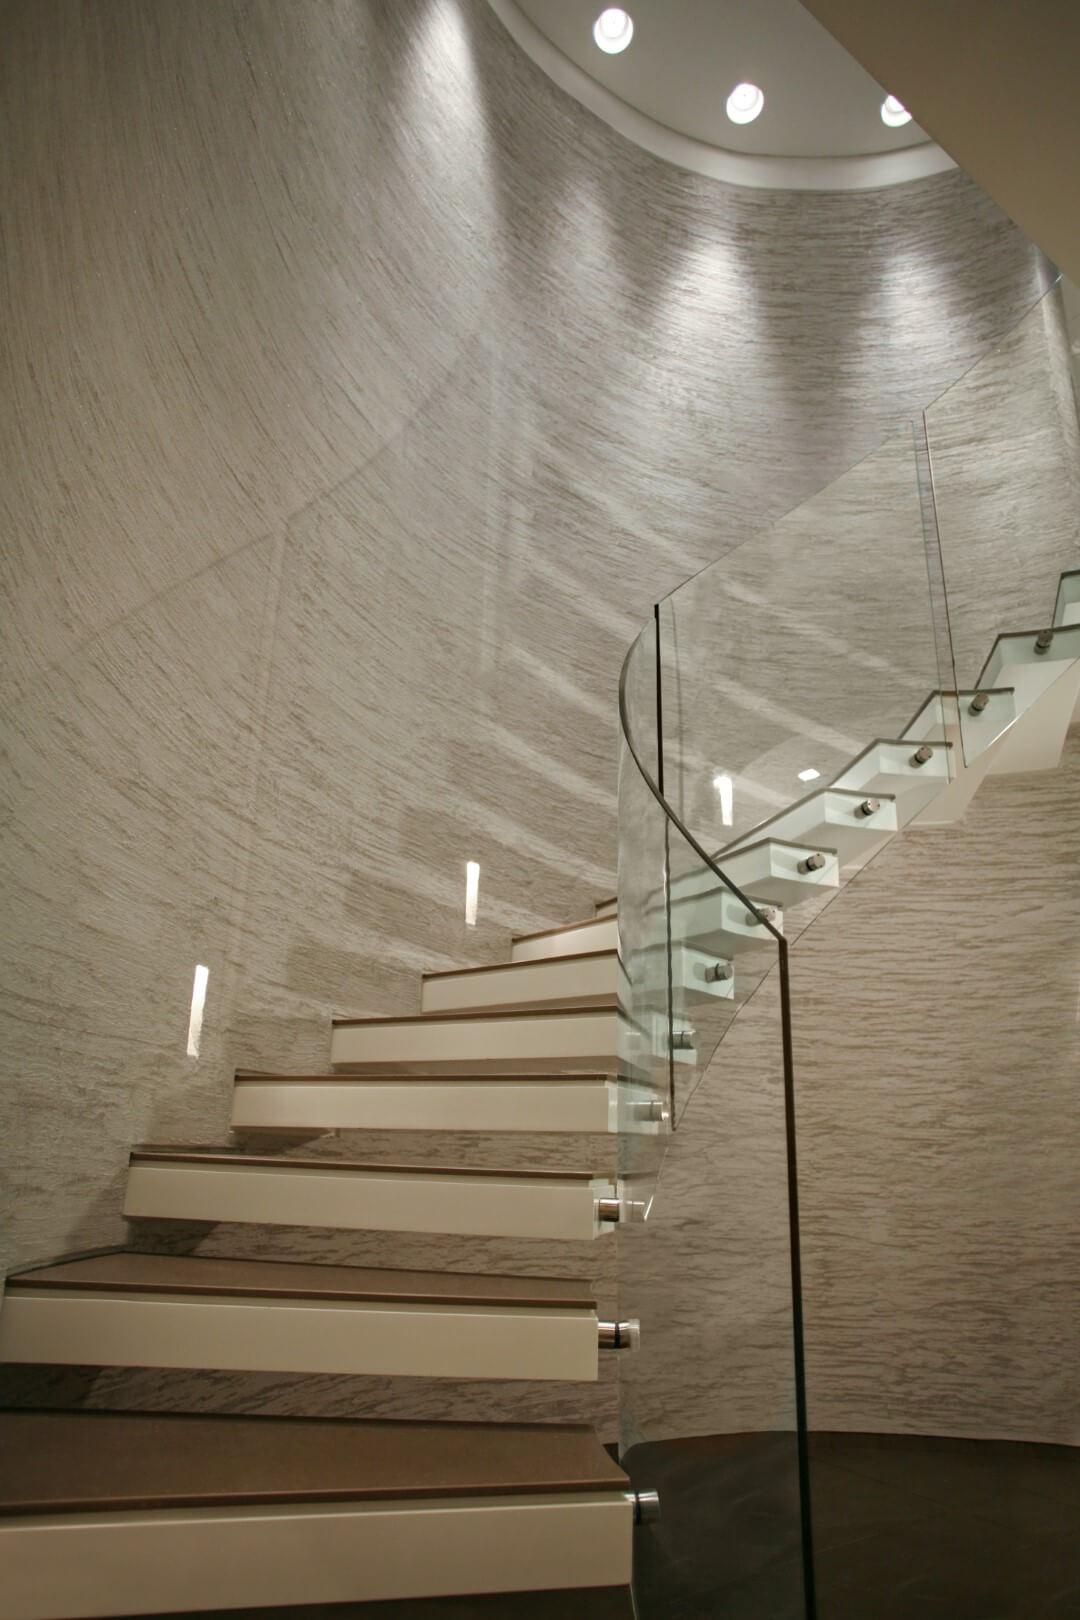 מדרגות ספירליות מקוריאן עם מעקה ספירלי מזכוכית עולות לקומה השניה לאורך הקיר